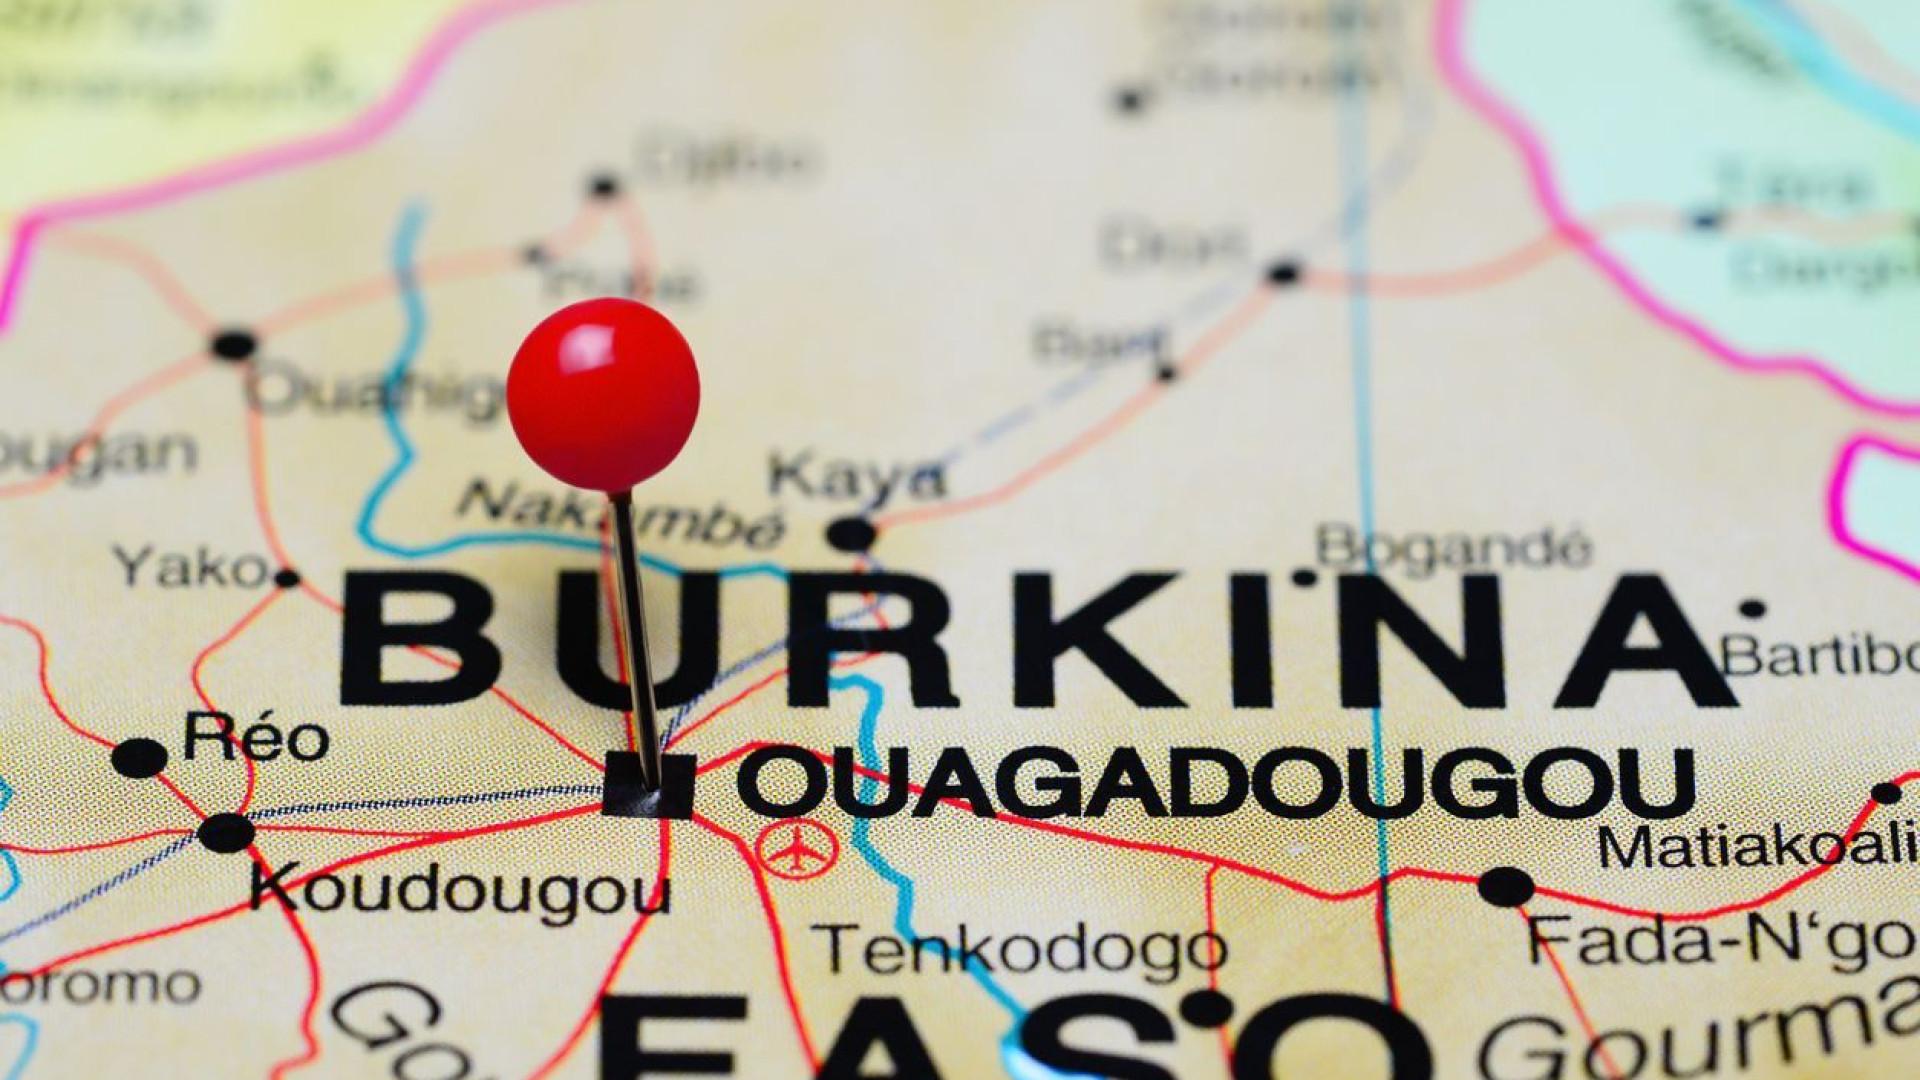 Burkina Faso assinala 34.º aniversário da morte de Thomas Sankara